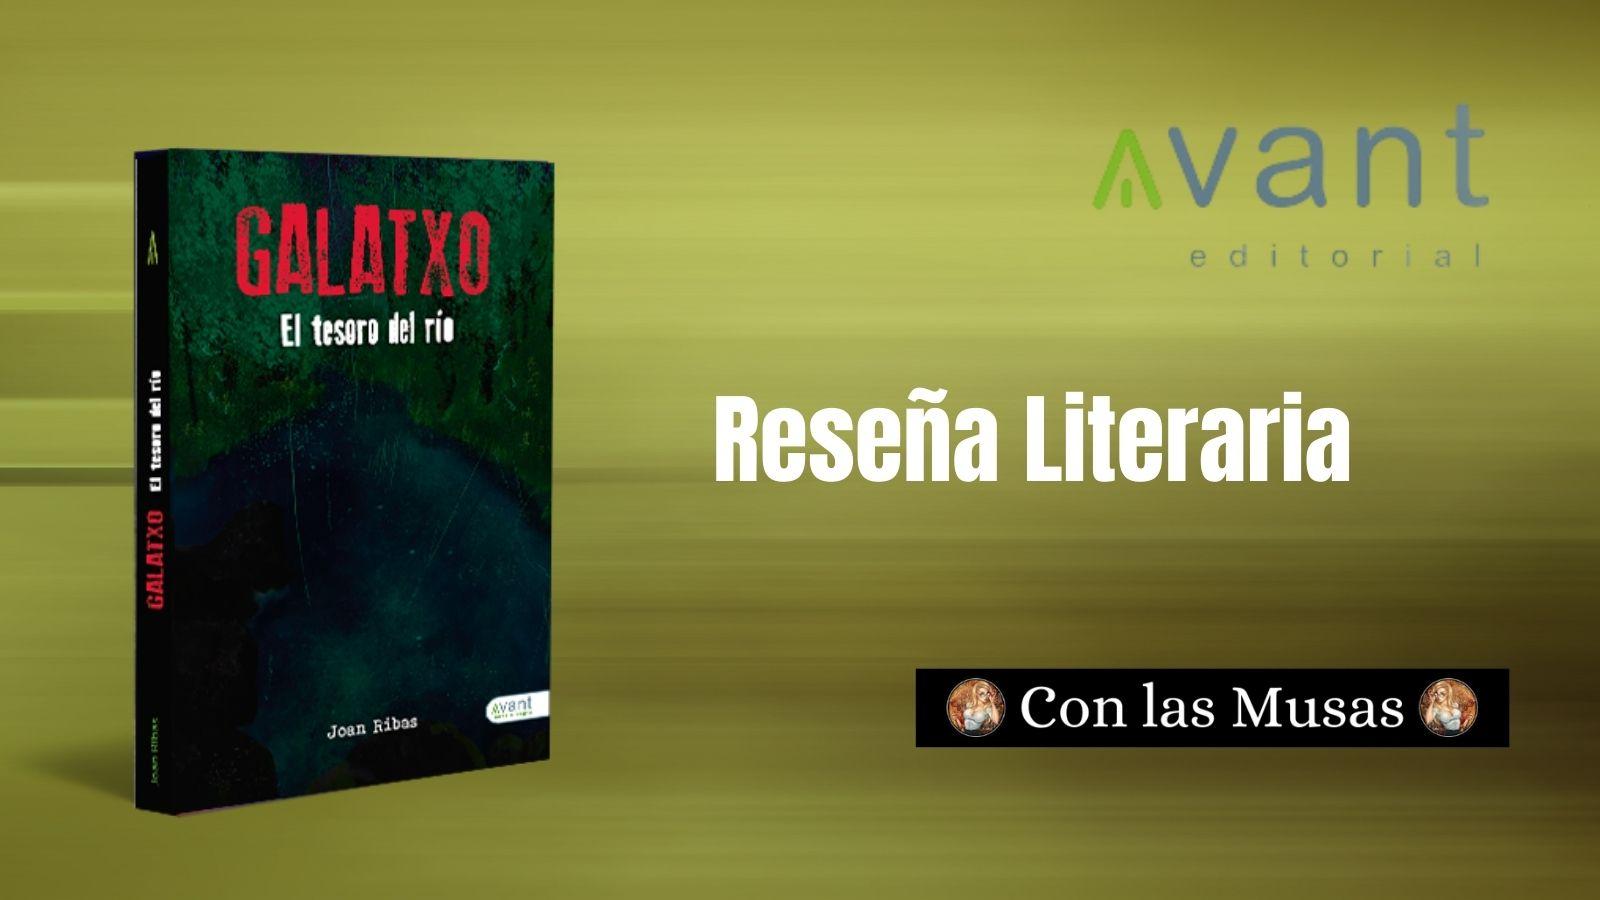 Reseña Literaria. Galatxo El tesoro del río. Joan Ribas. Autor Avant Editorial